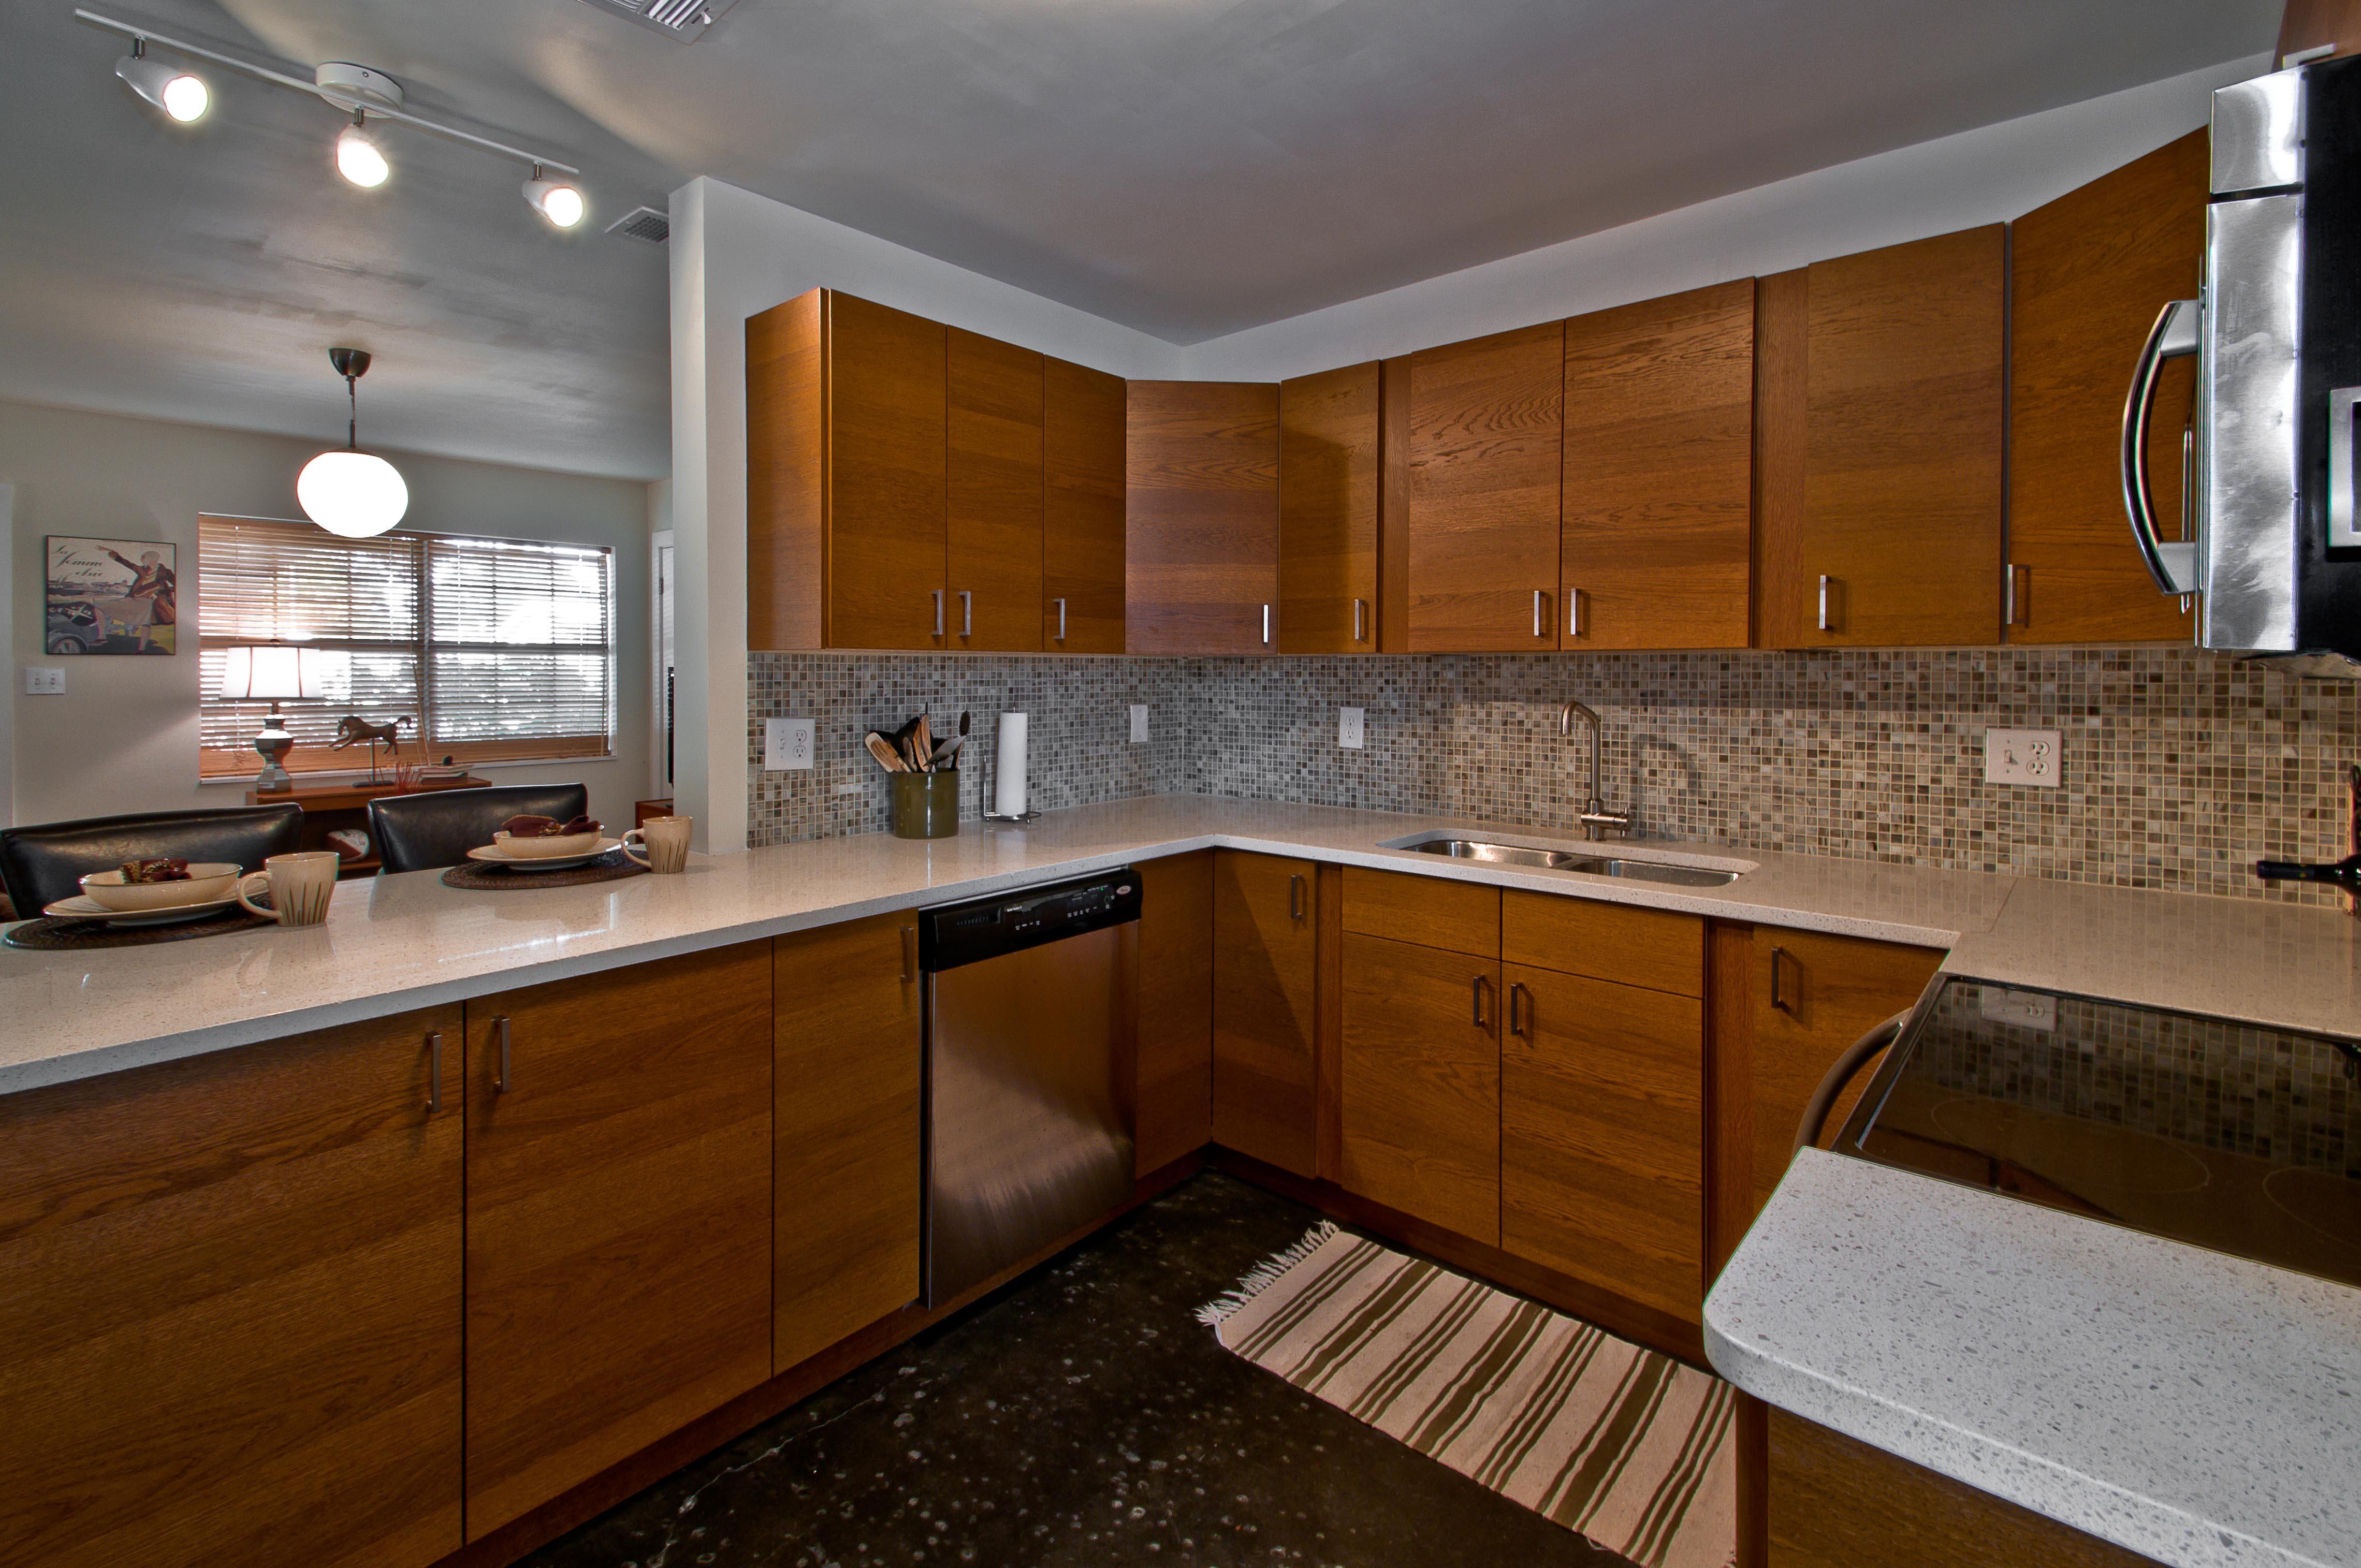 Ikea Kitchen Design Help